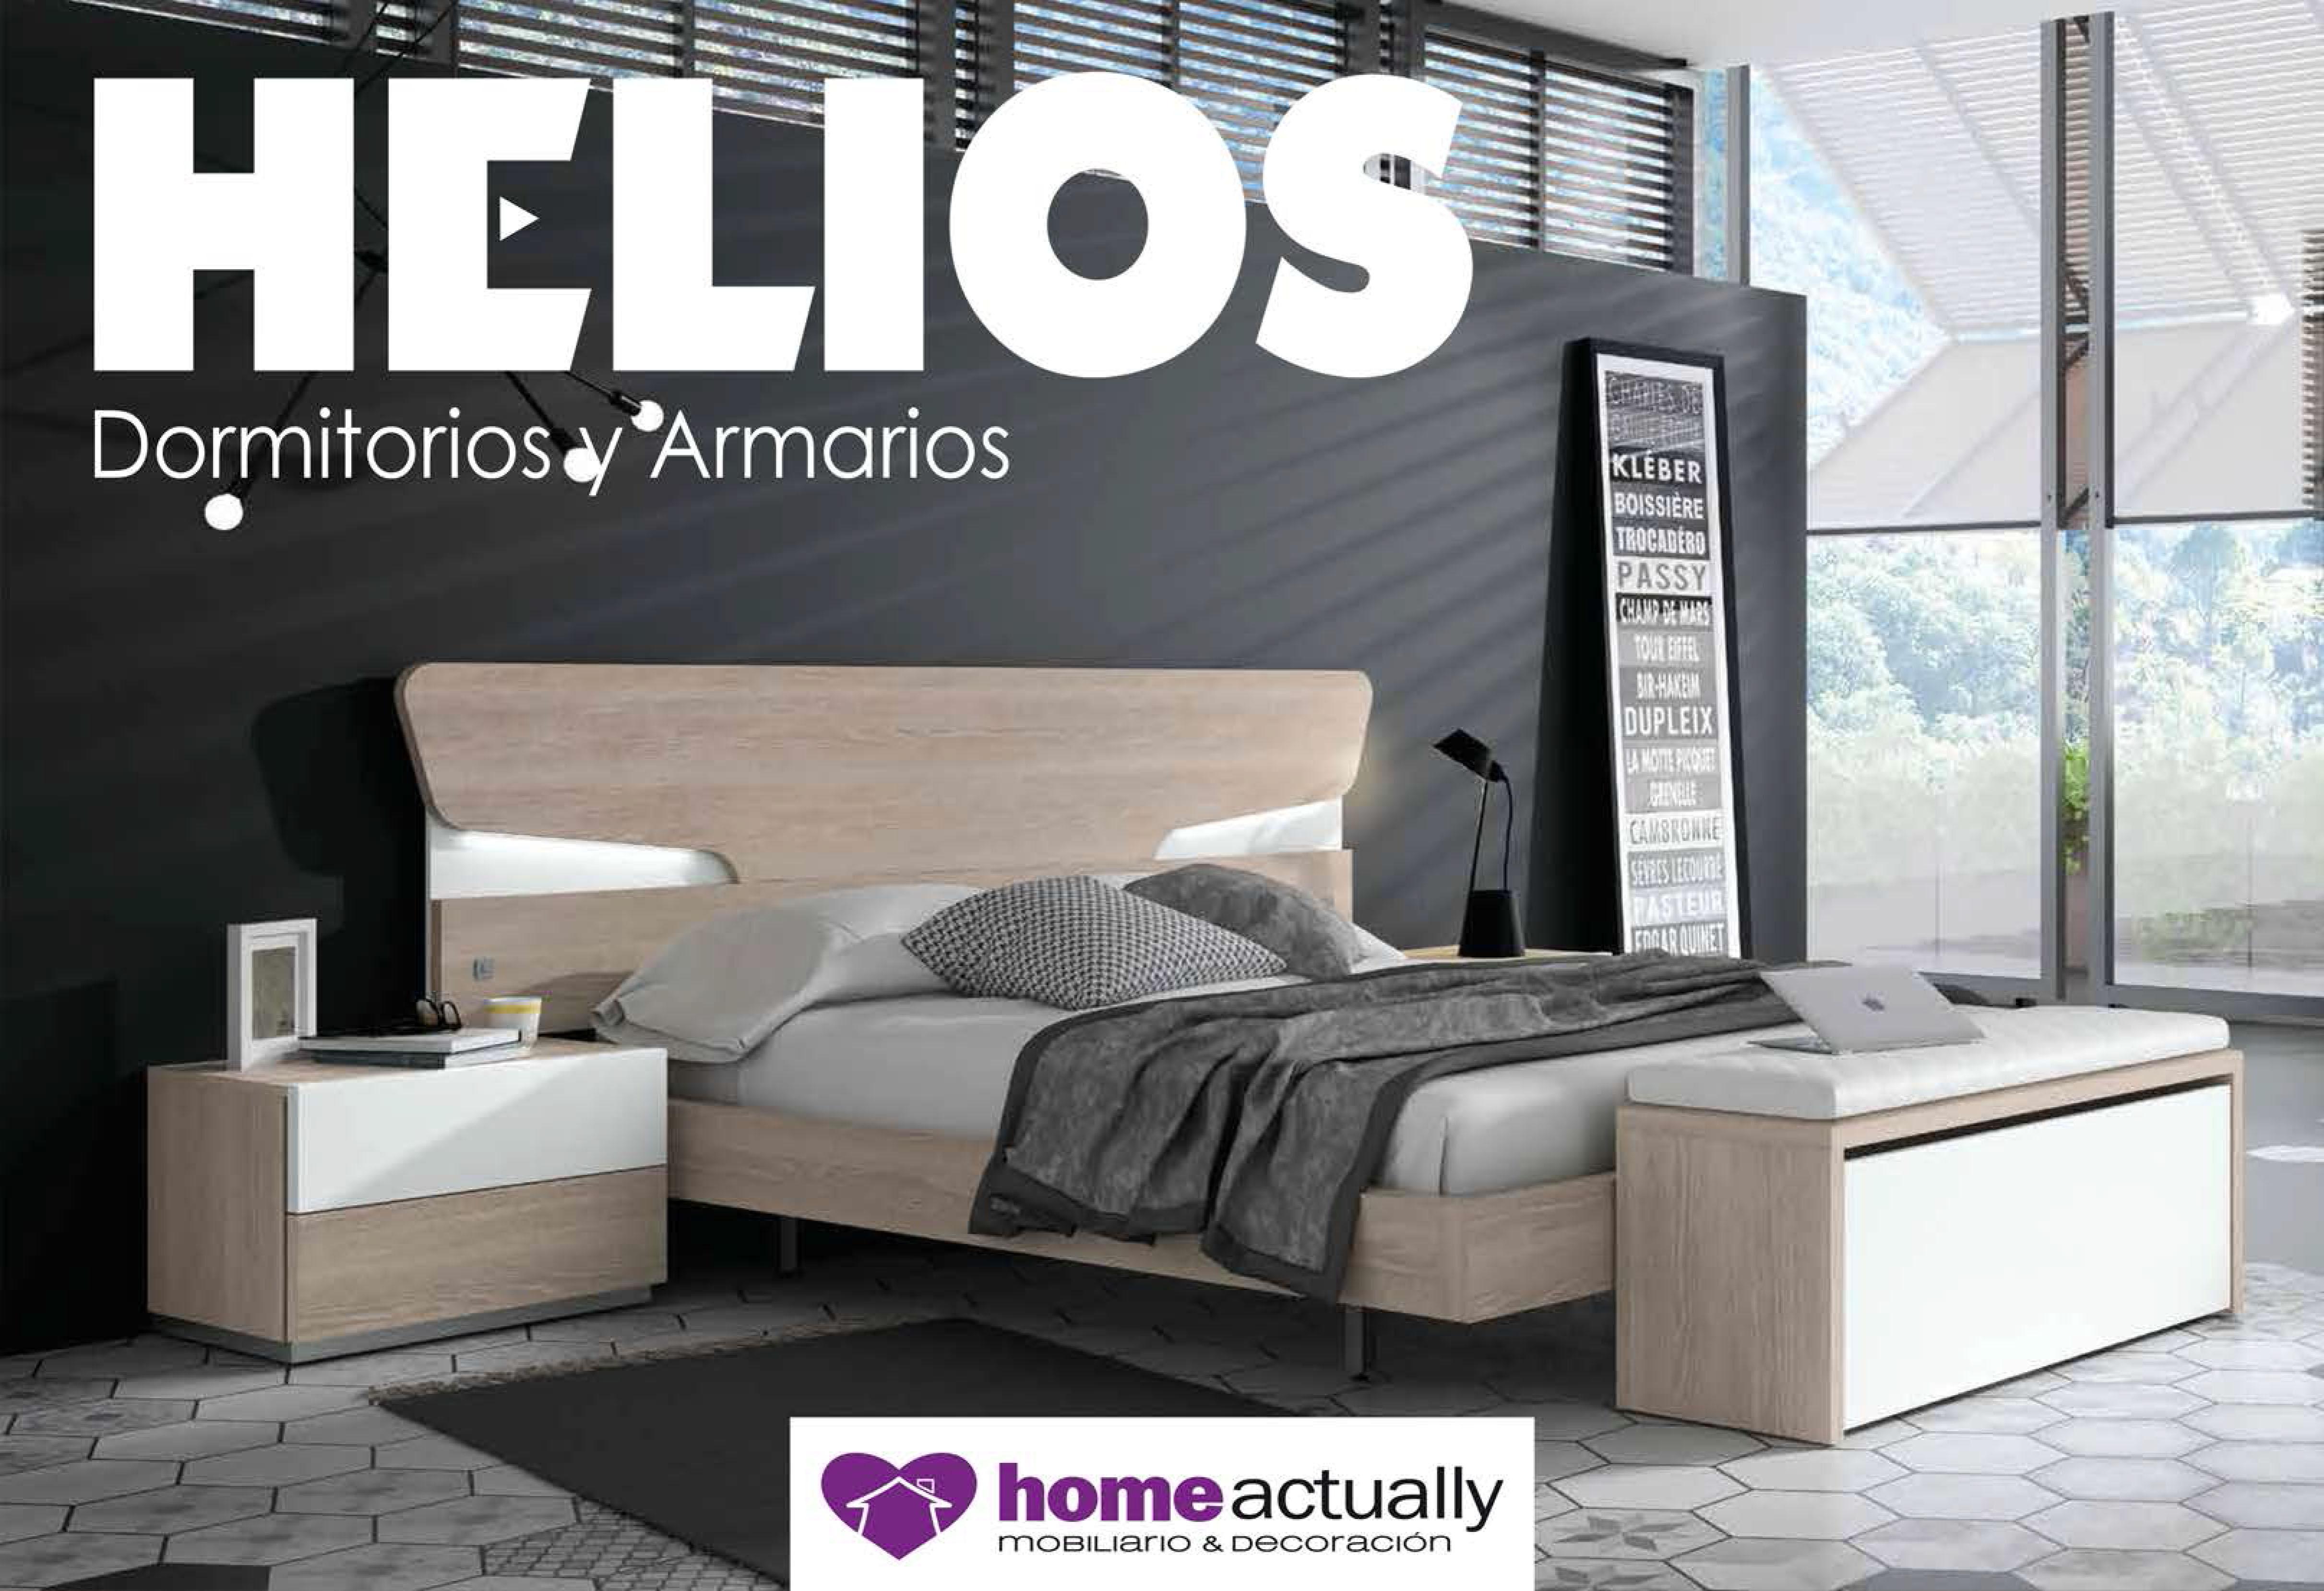 Dormitorios Helios